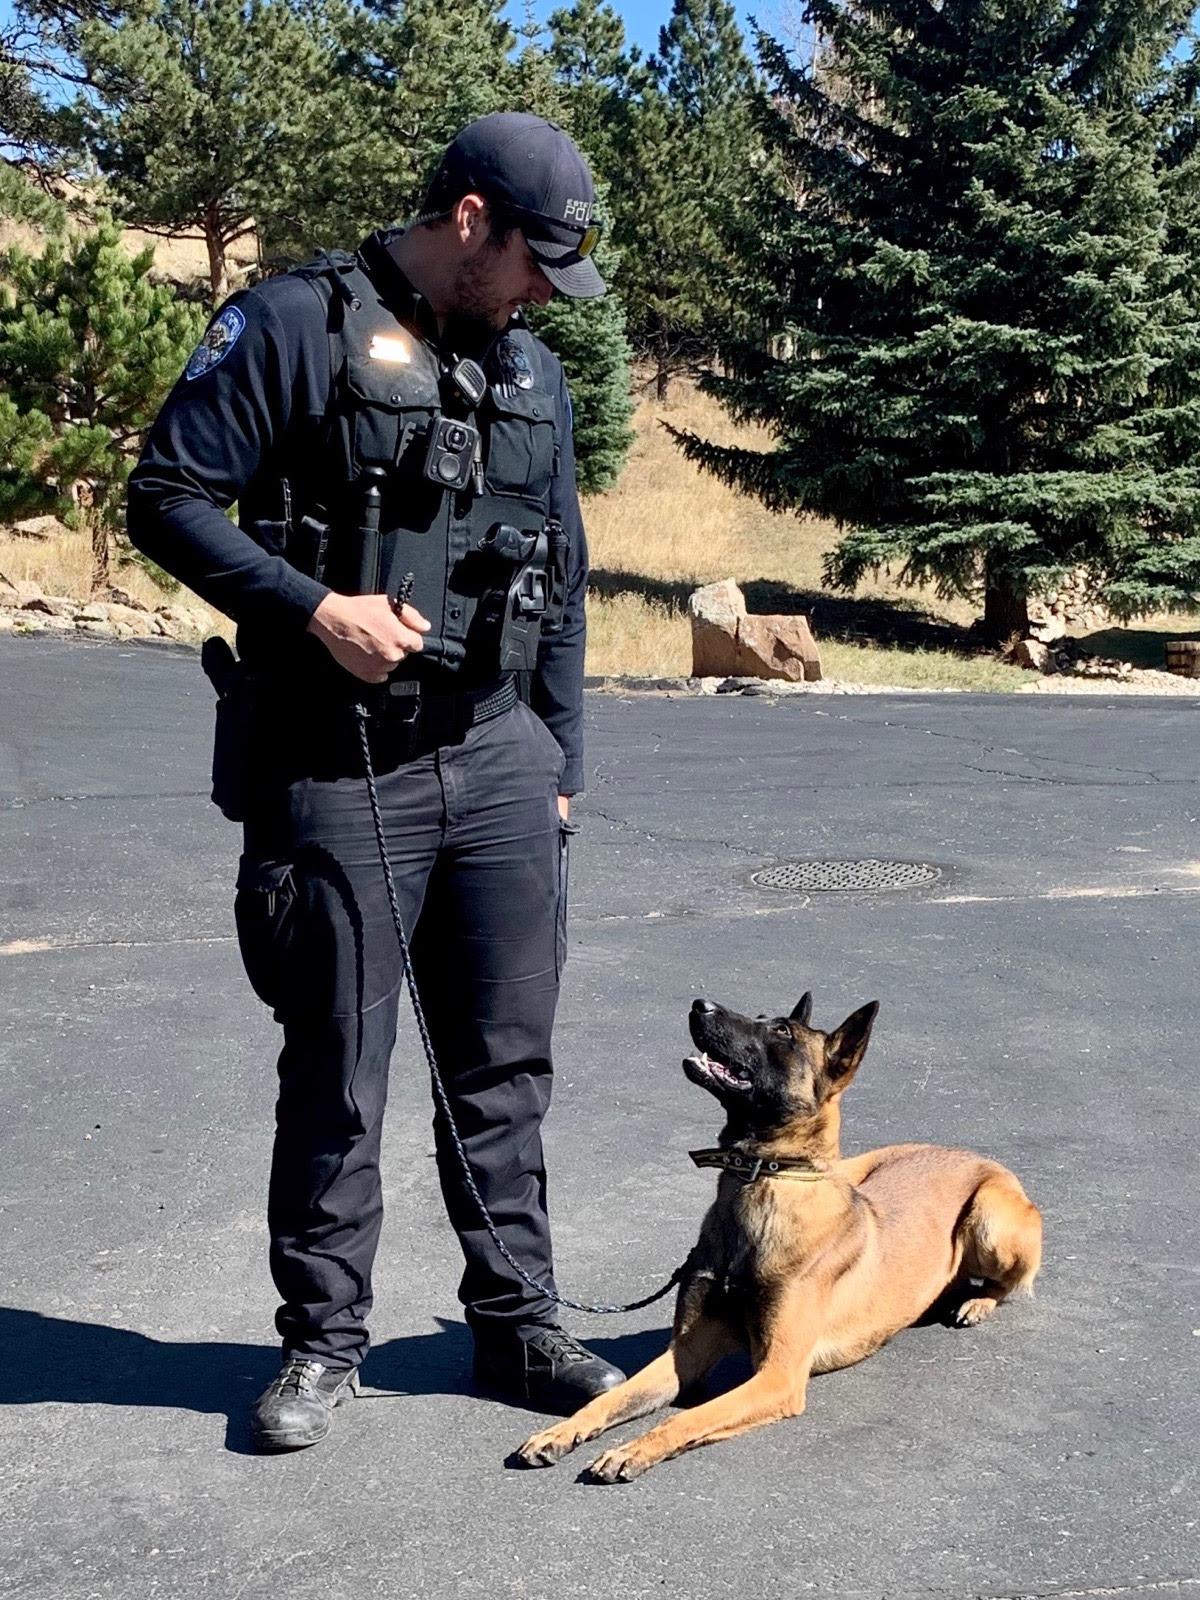 K9 Diego with Officer/Handler Mikel Otazua